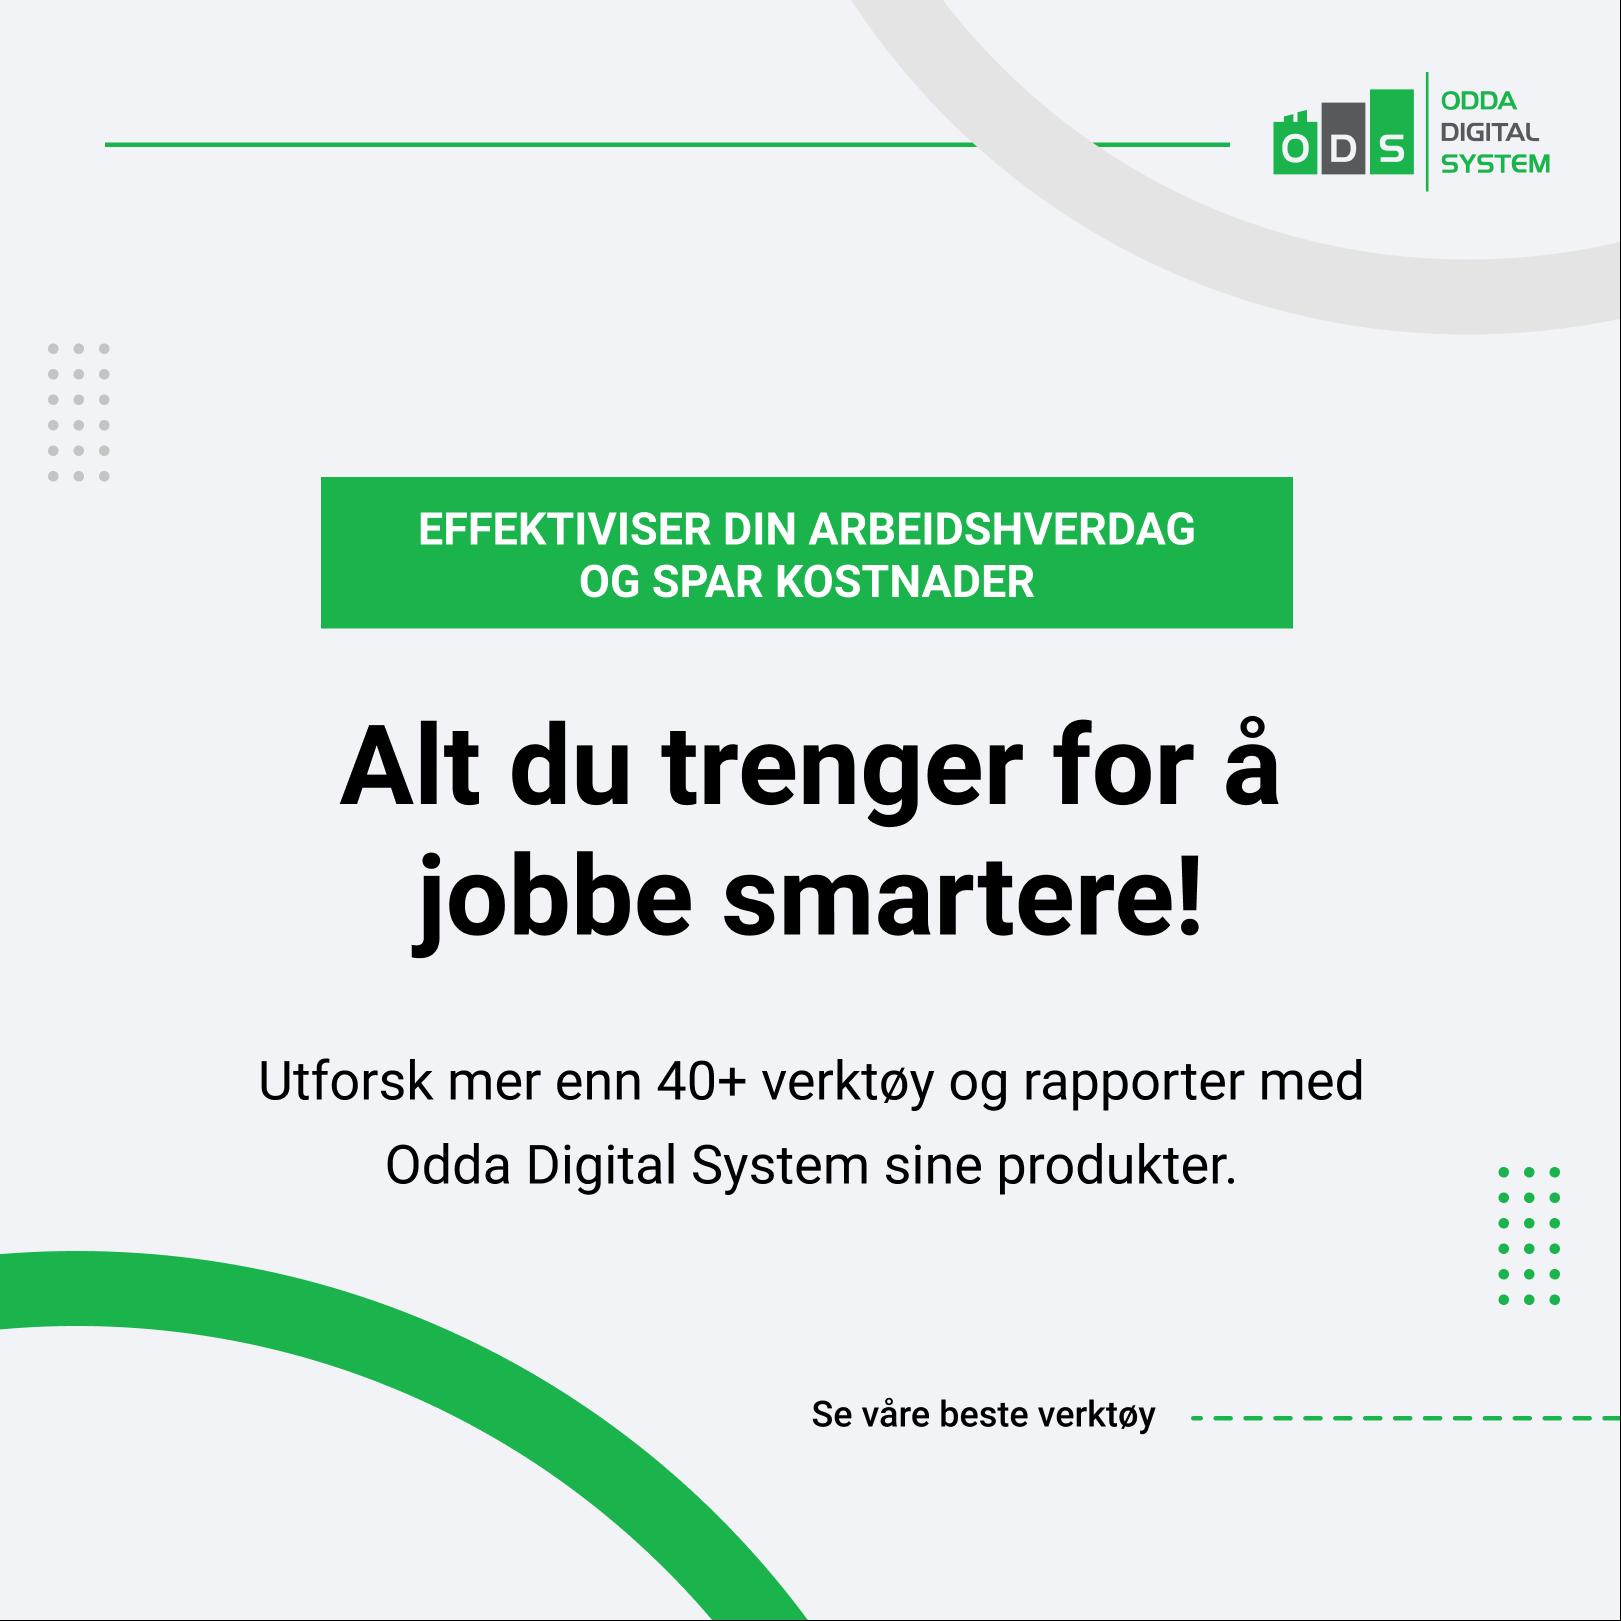 Tjener din bedrift penger - Odda Digital System